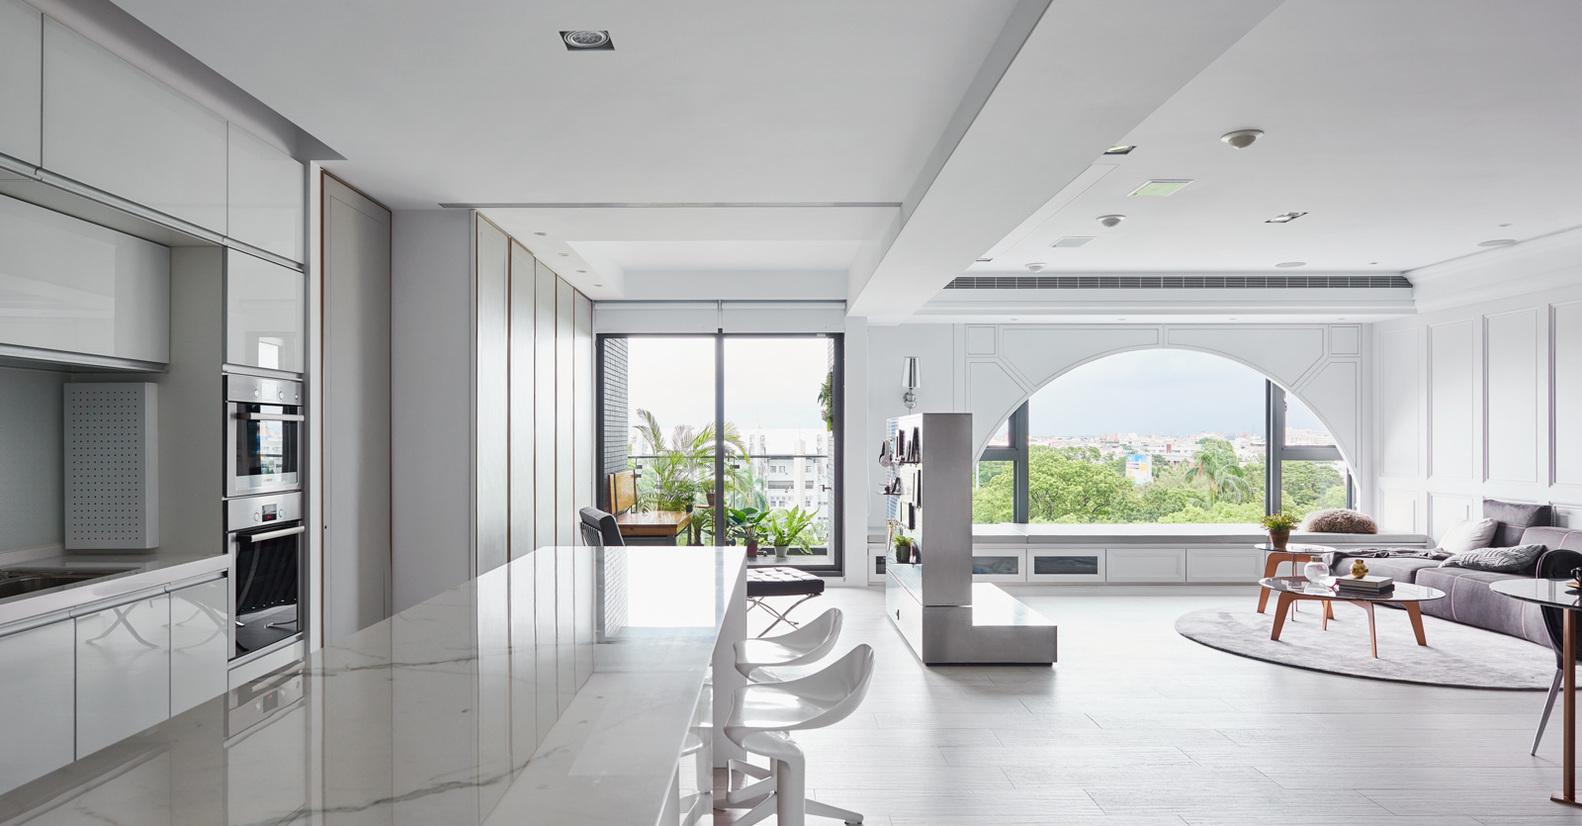 现代风格公寓厨房装修效果图